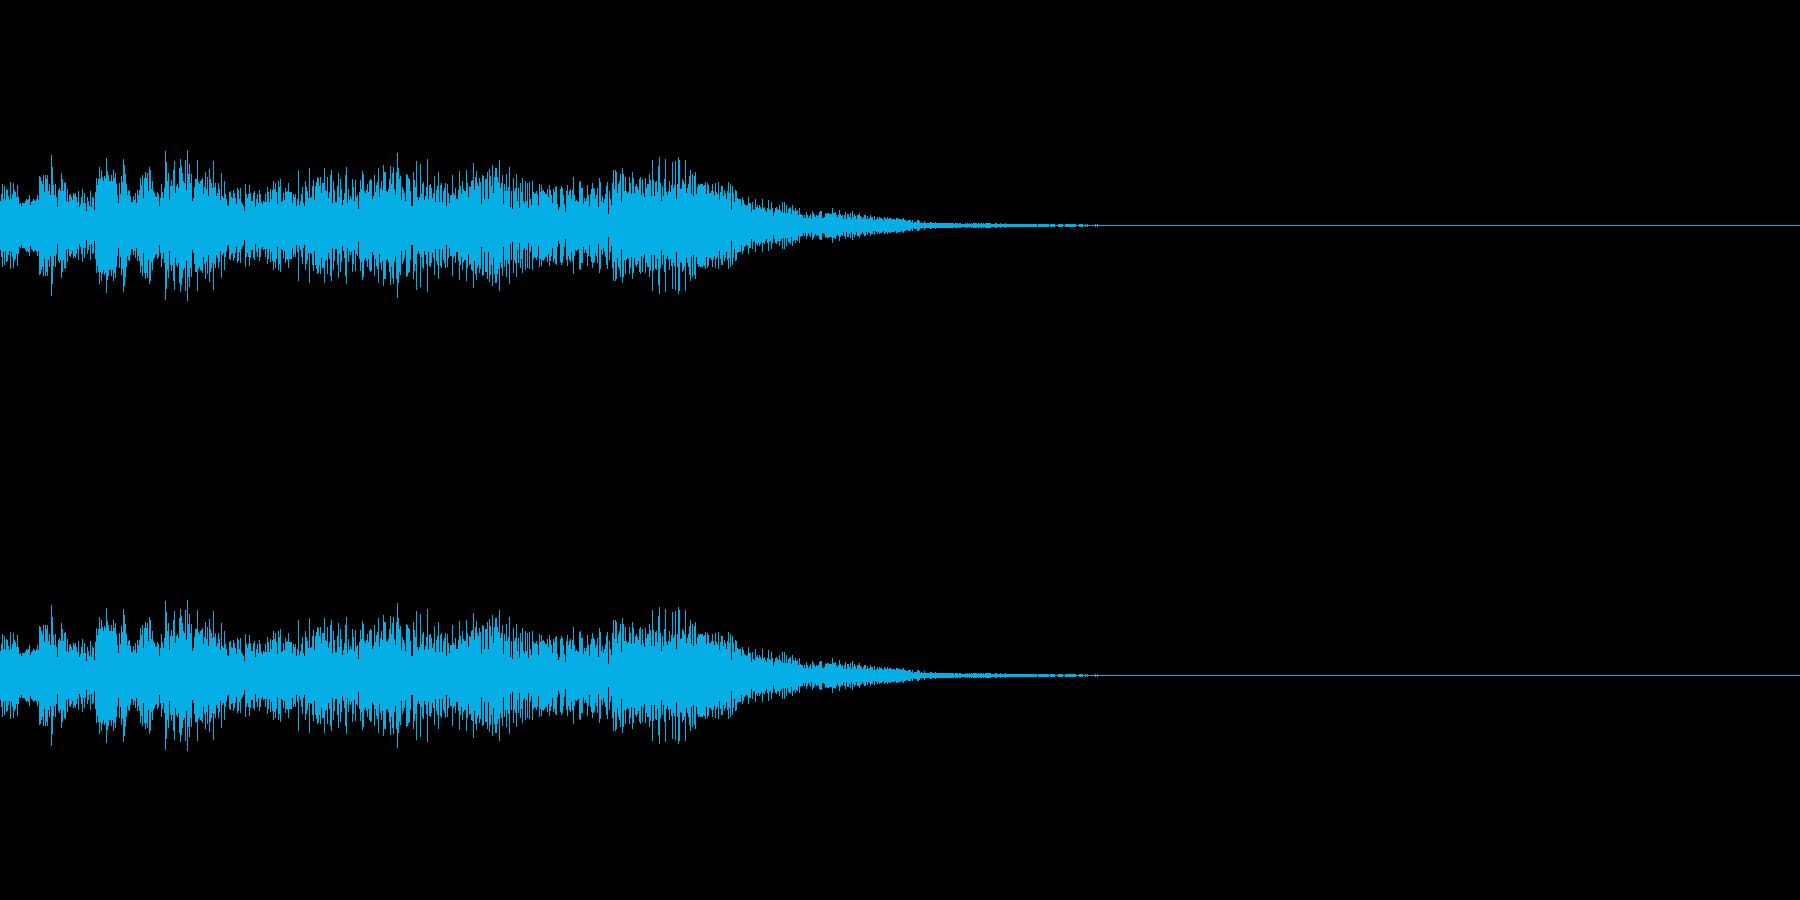 ブーン 起動音 の再生済みの波形